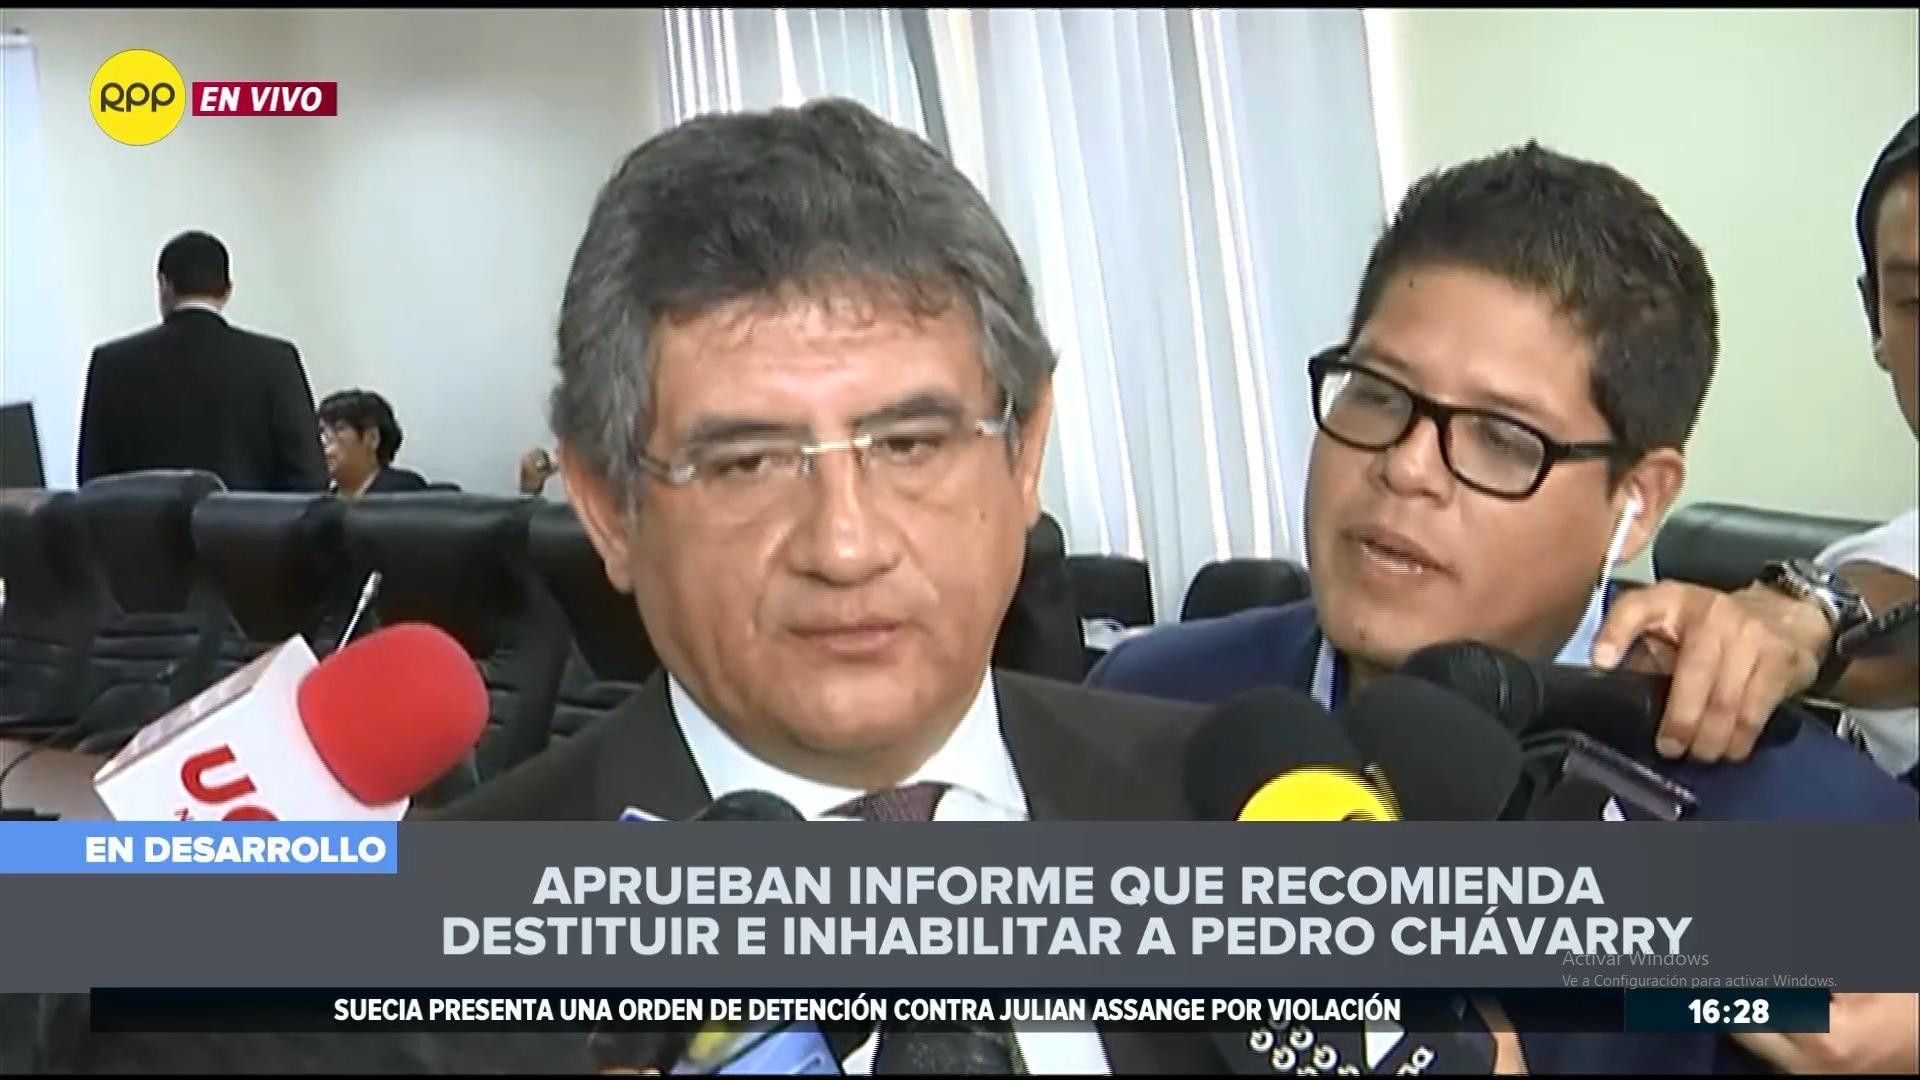 El parlamentario aseguró que Fuerza Popular no tiene mayoría en la Comisión Permanente.